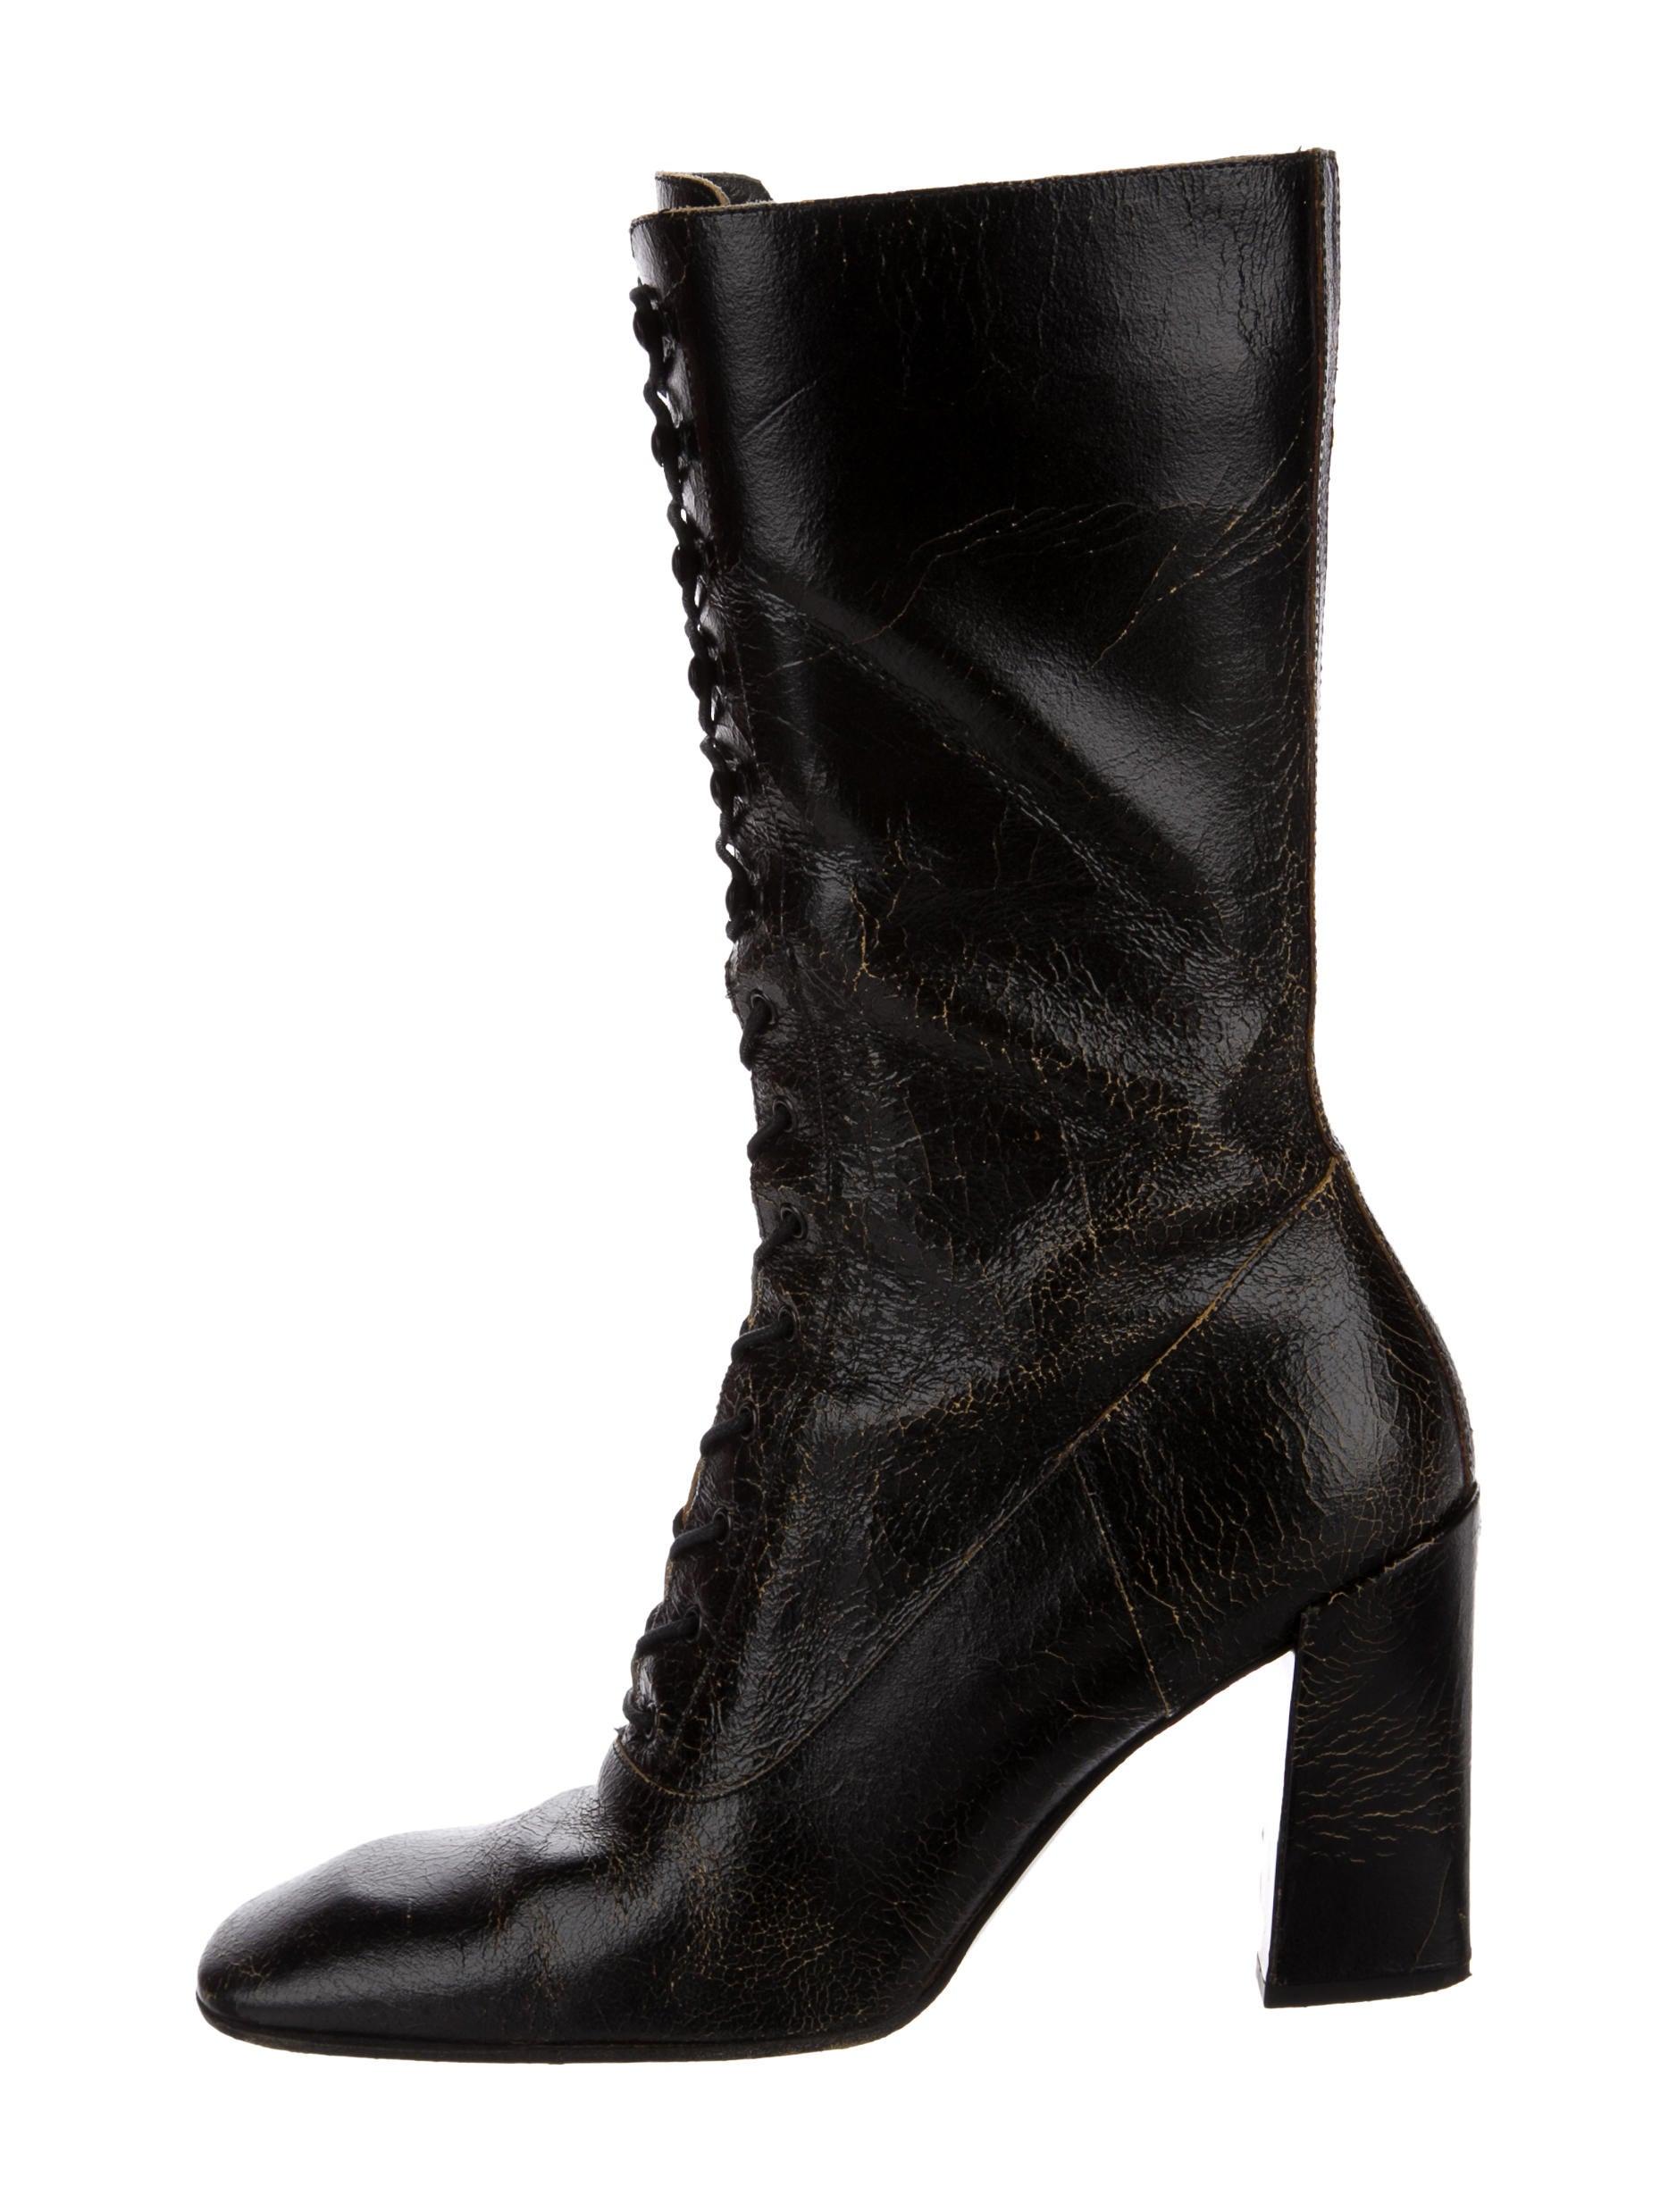 Miu Miu Lace-Up Mid-Calf Boots cheap 100% authentic sale marketable cheap outlet cheap price outlet sale plr0k9